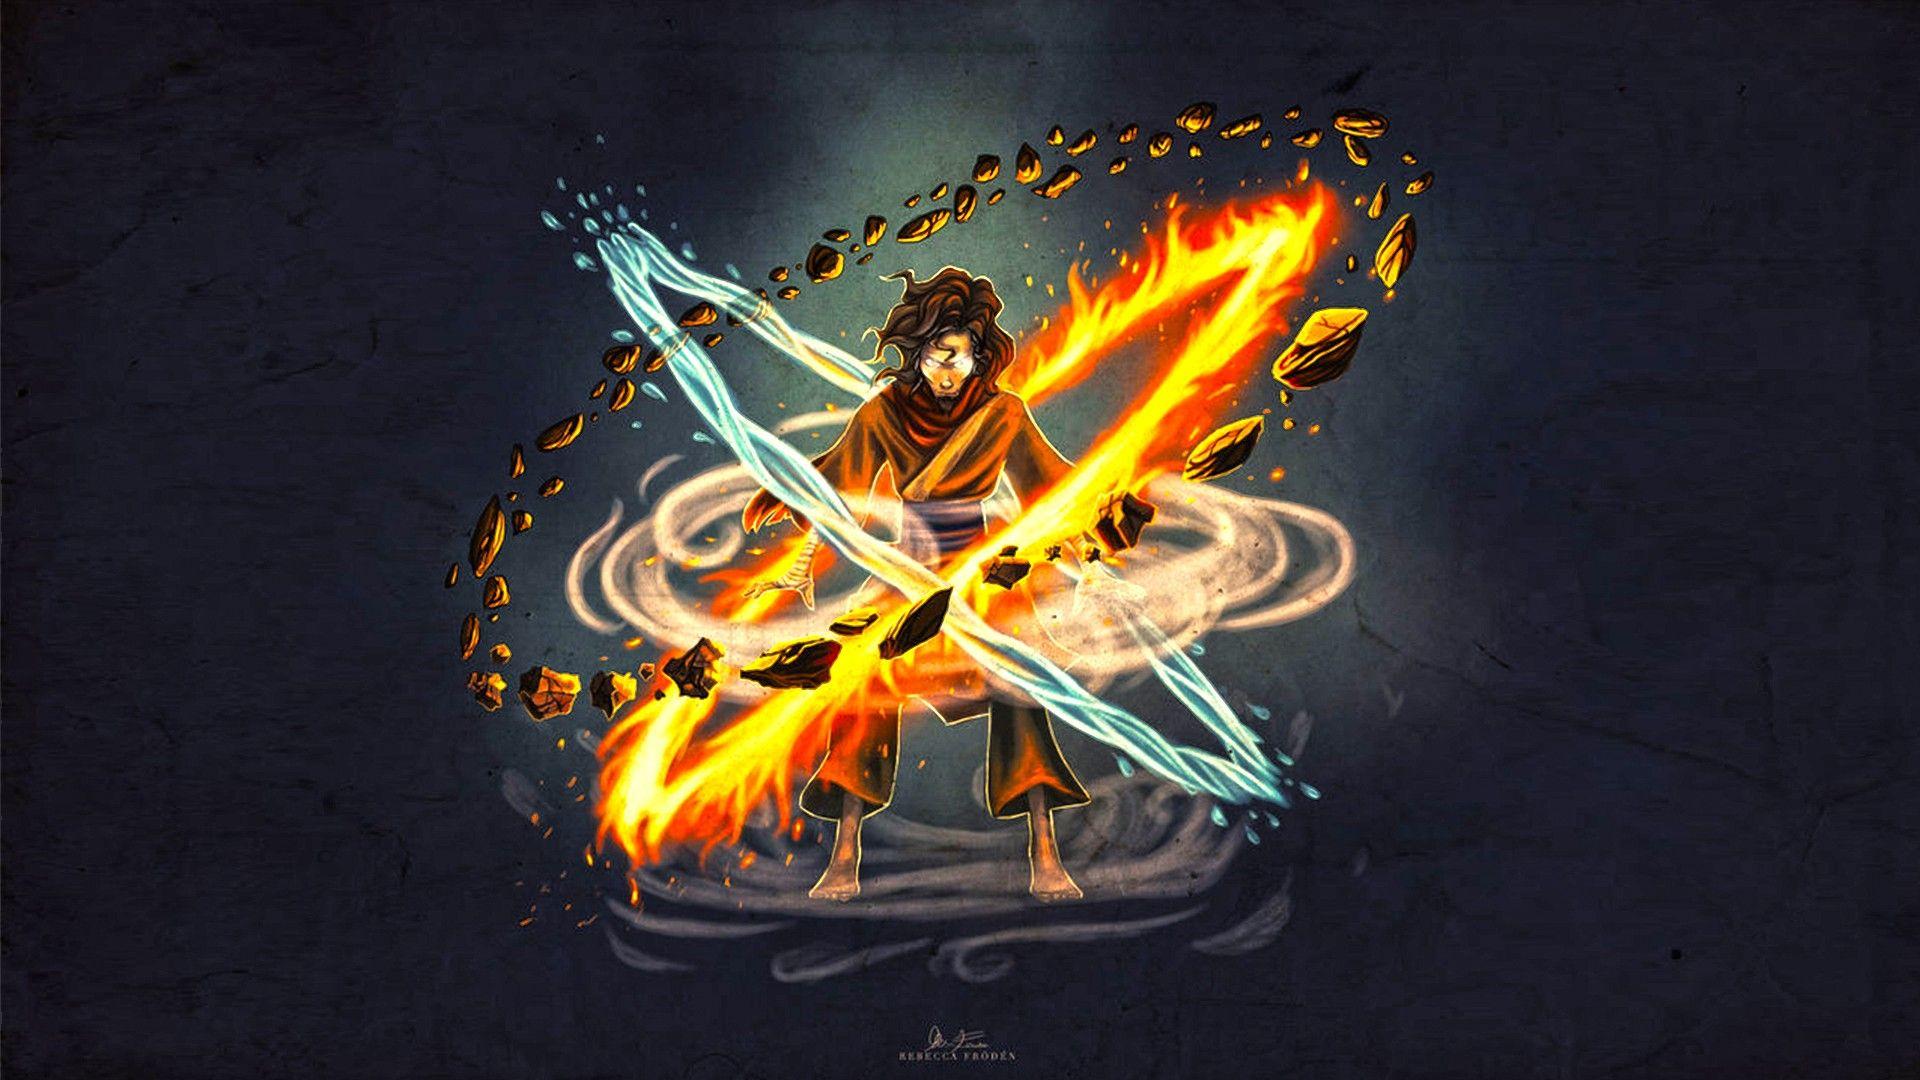 Avatar Le Dernier Maitre De L Air Wallpaper The Legend Of Korra Avatar Wan Wallpaper Avatar Wan Avatar Avatar Airbender